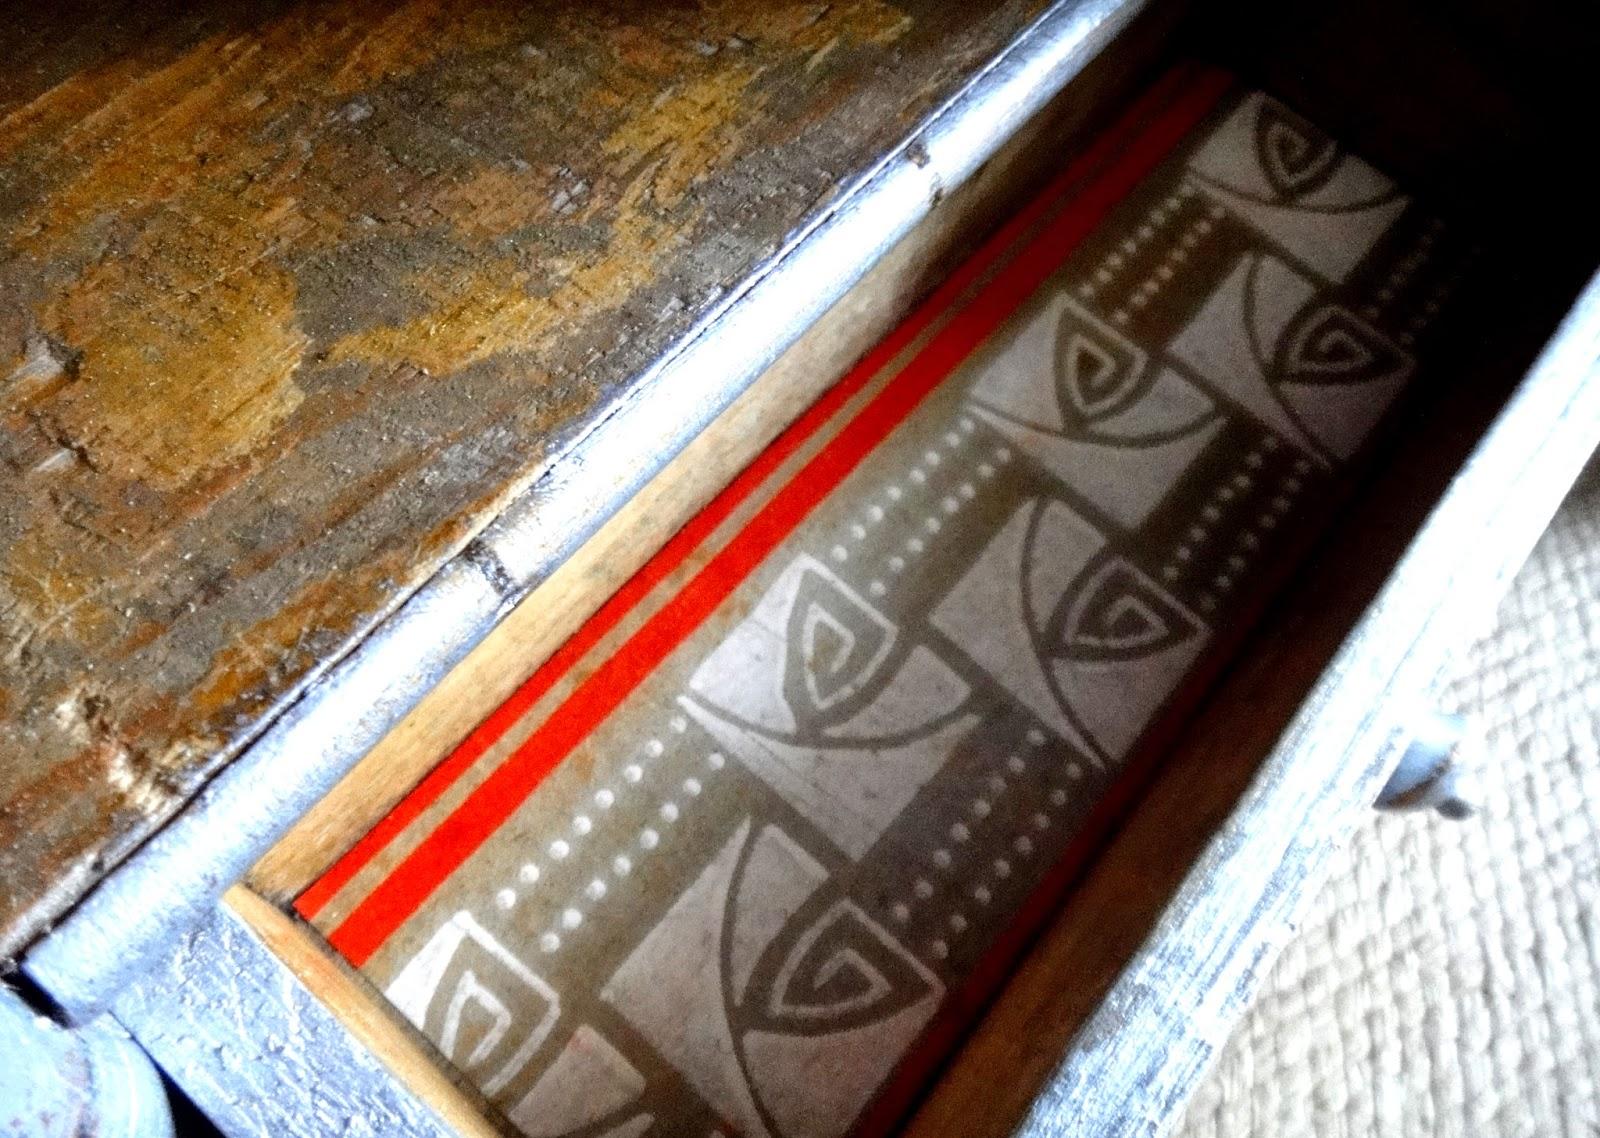 Papier Peint Porte Ancienne - Papier peint trompe l oeil Choozen